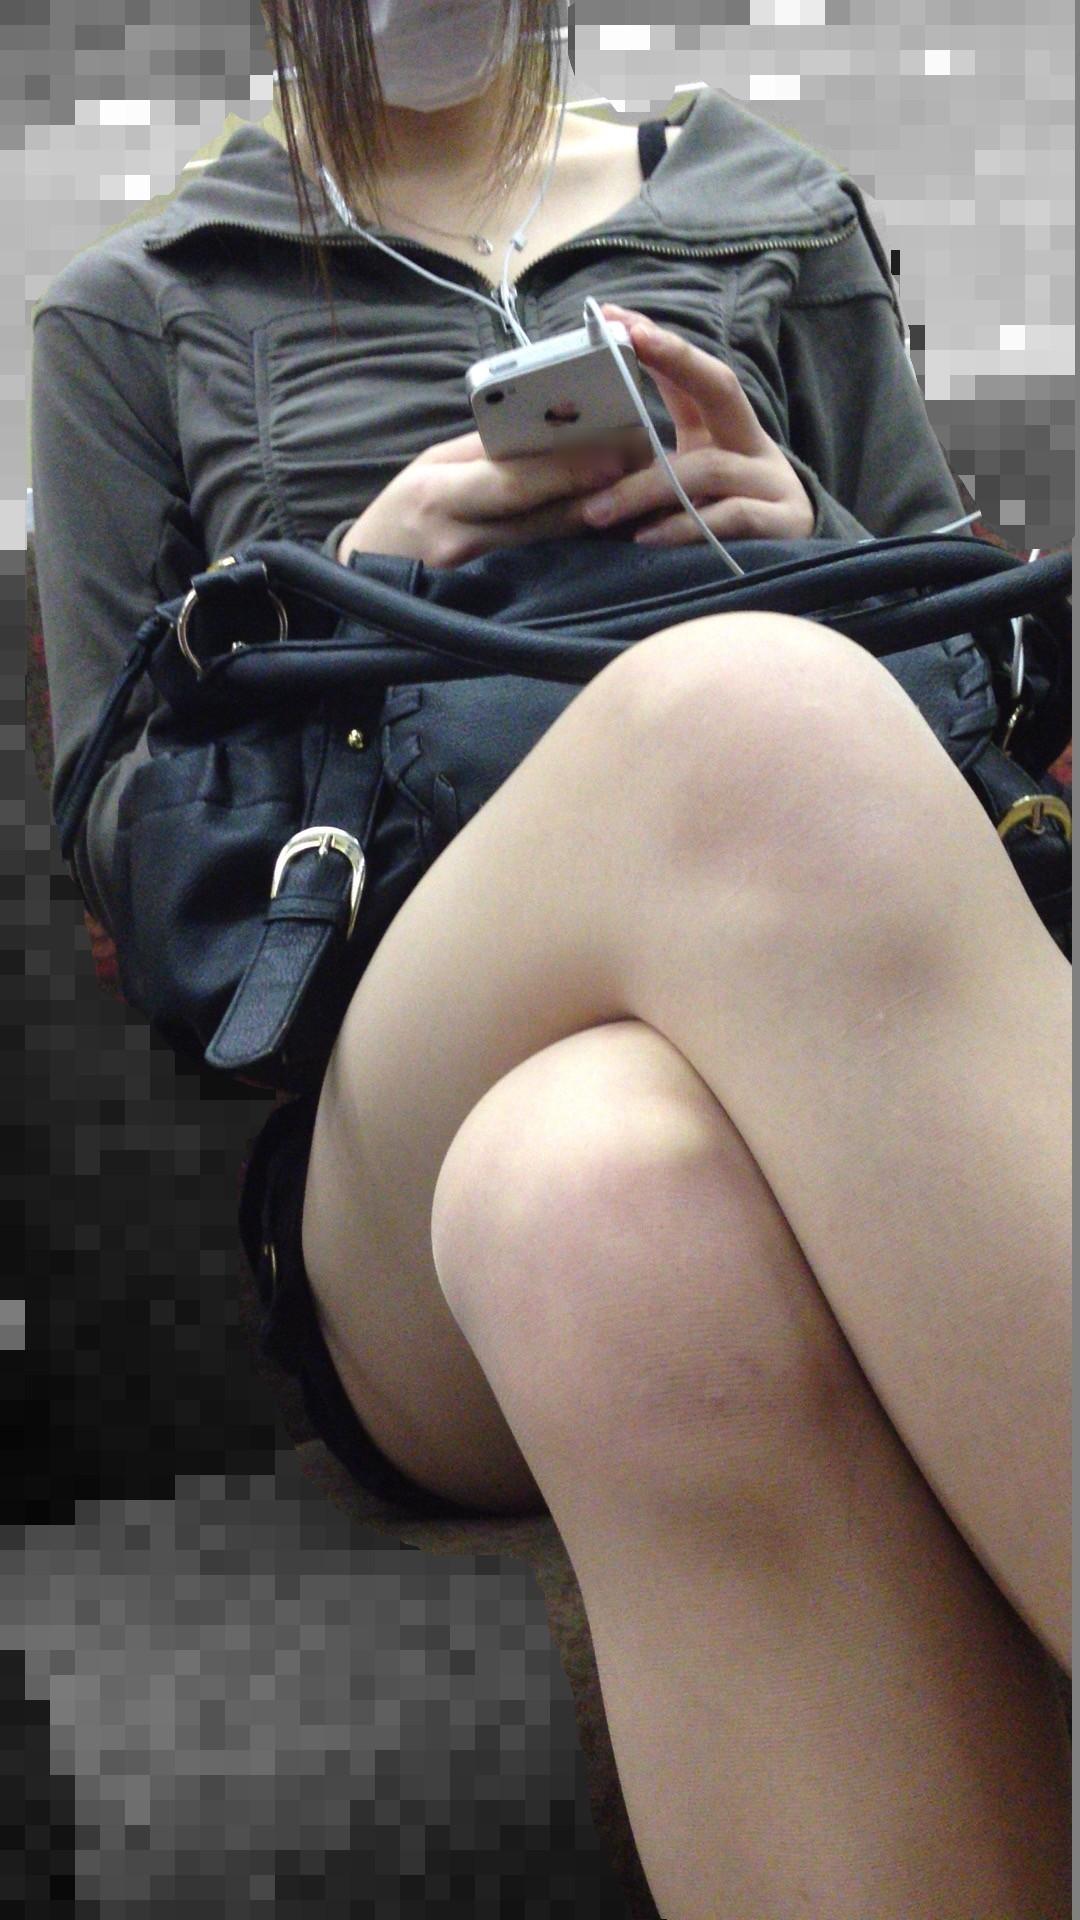 【美脚エロ画像】組むと余計にムッチリ際立つwパンツ度外視で電車内の太ももwww 22